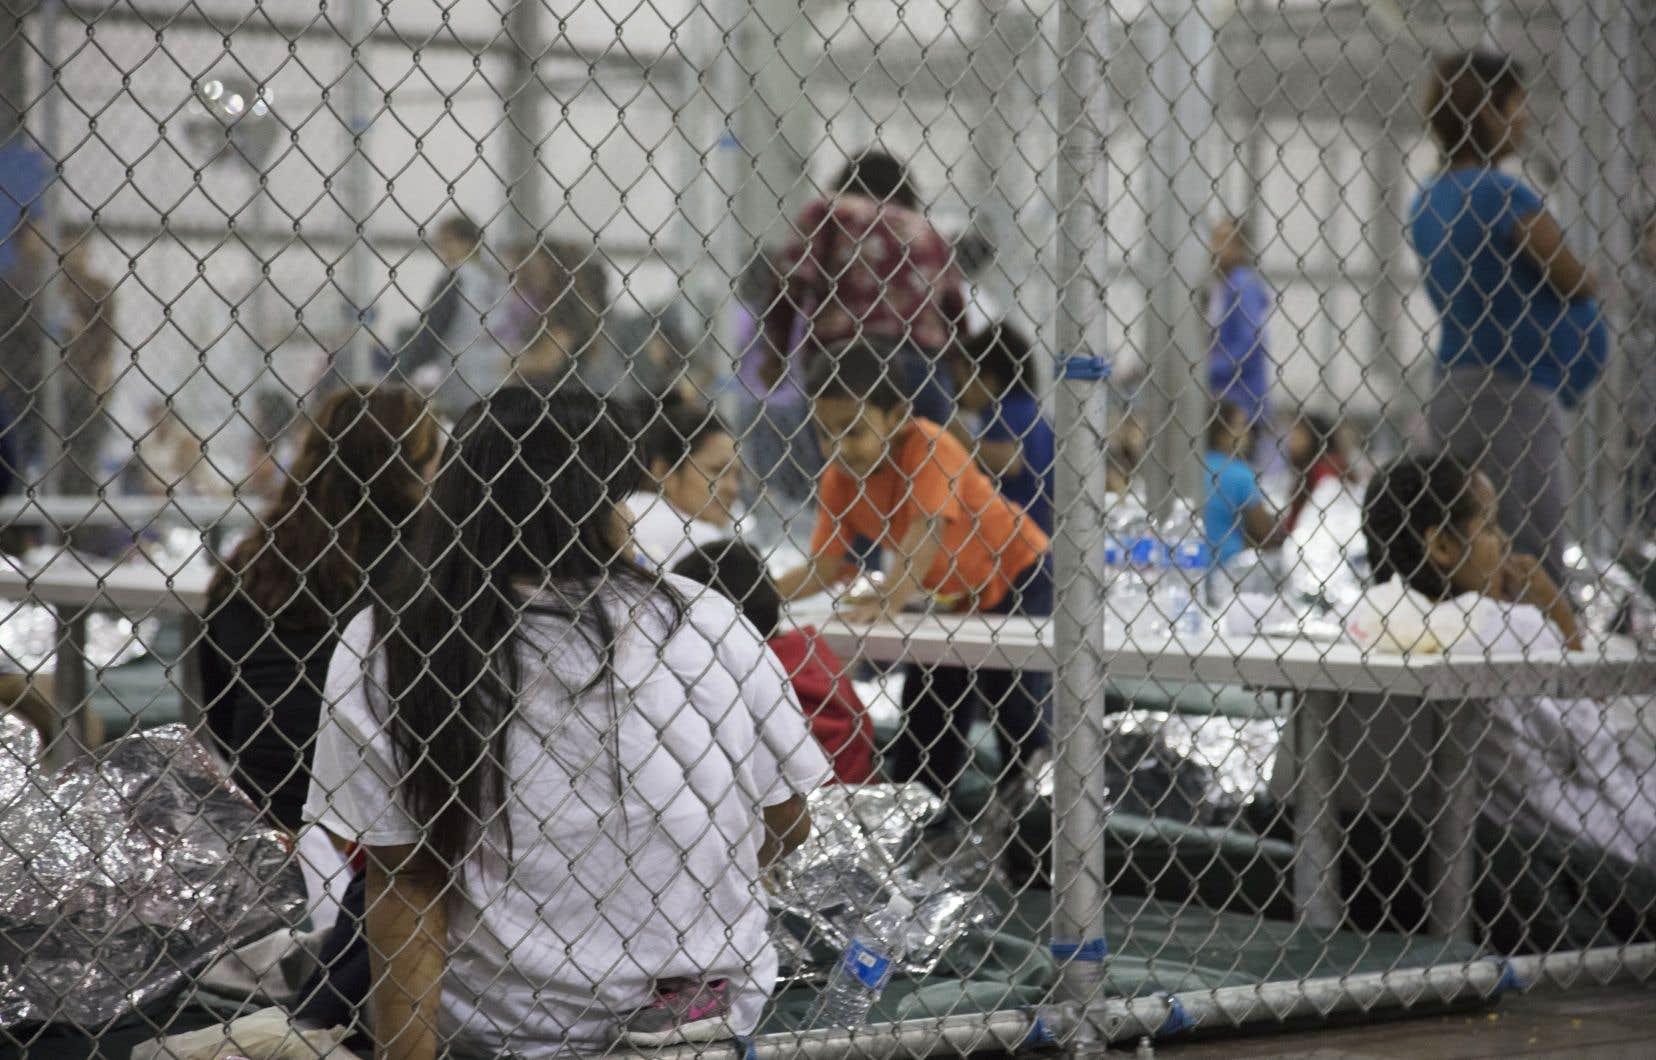 La diffusion d'images montrant des enfants en cage est intolérable et ne manque pas d'éveiller nos sensibilités et nos consciences, soutient l'auteure.